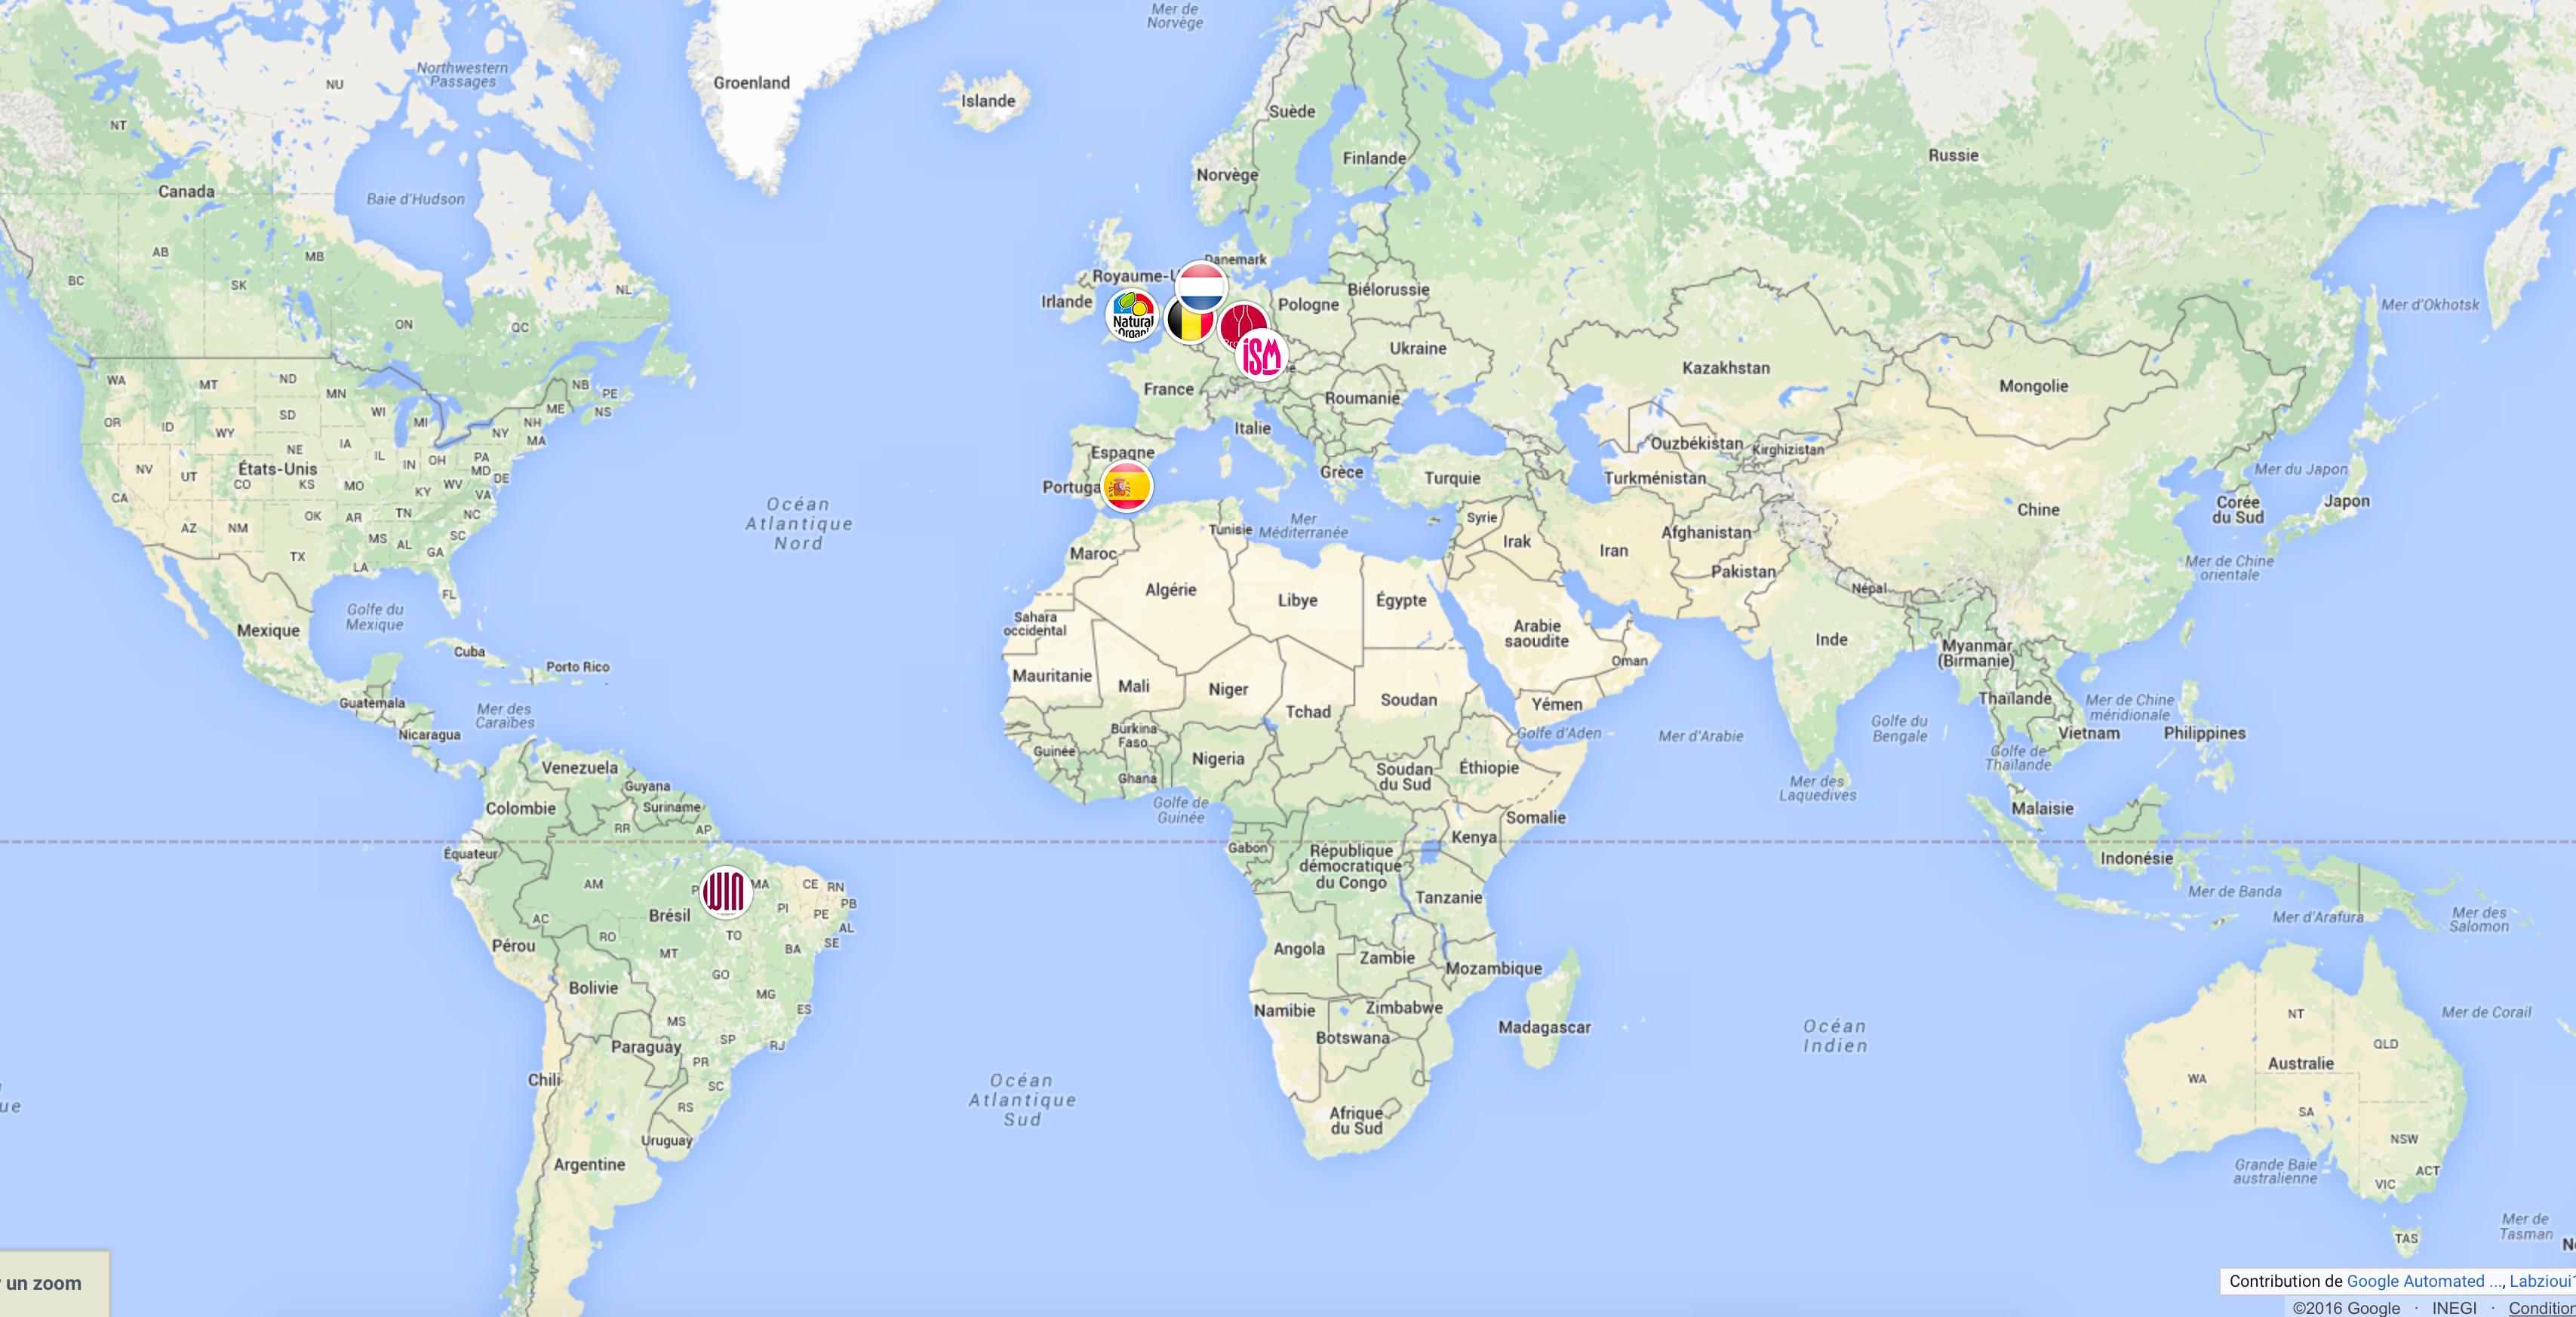 carte des exportations et ventes à l'étranger